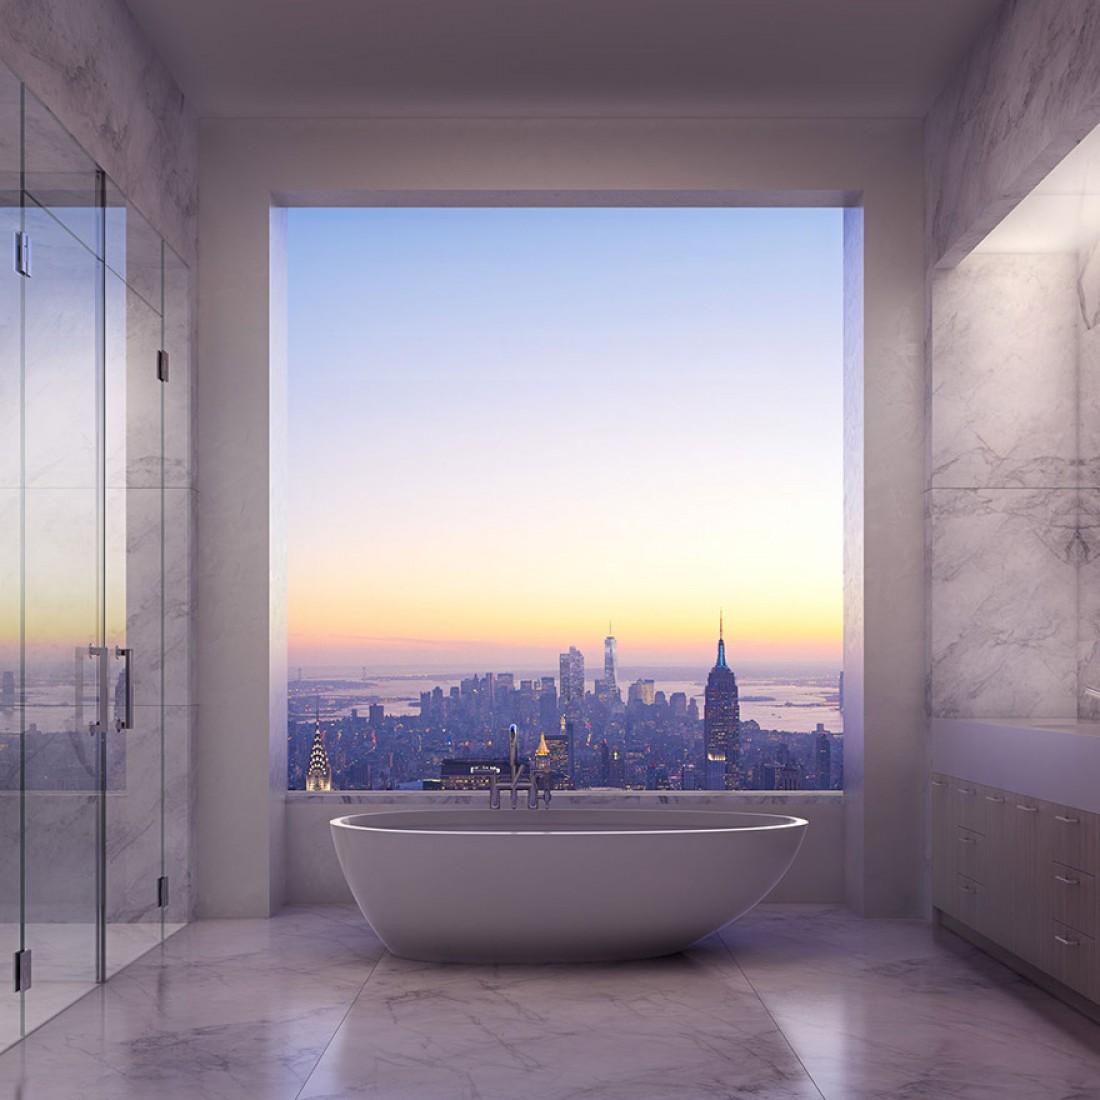 Так выглядит ванная, в которой хочется валяться часами